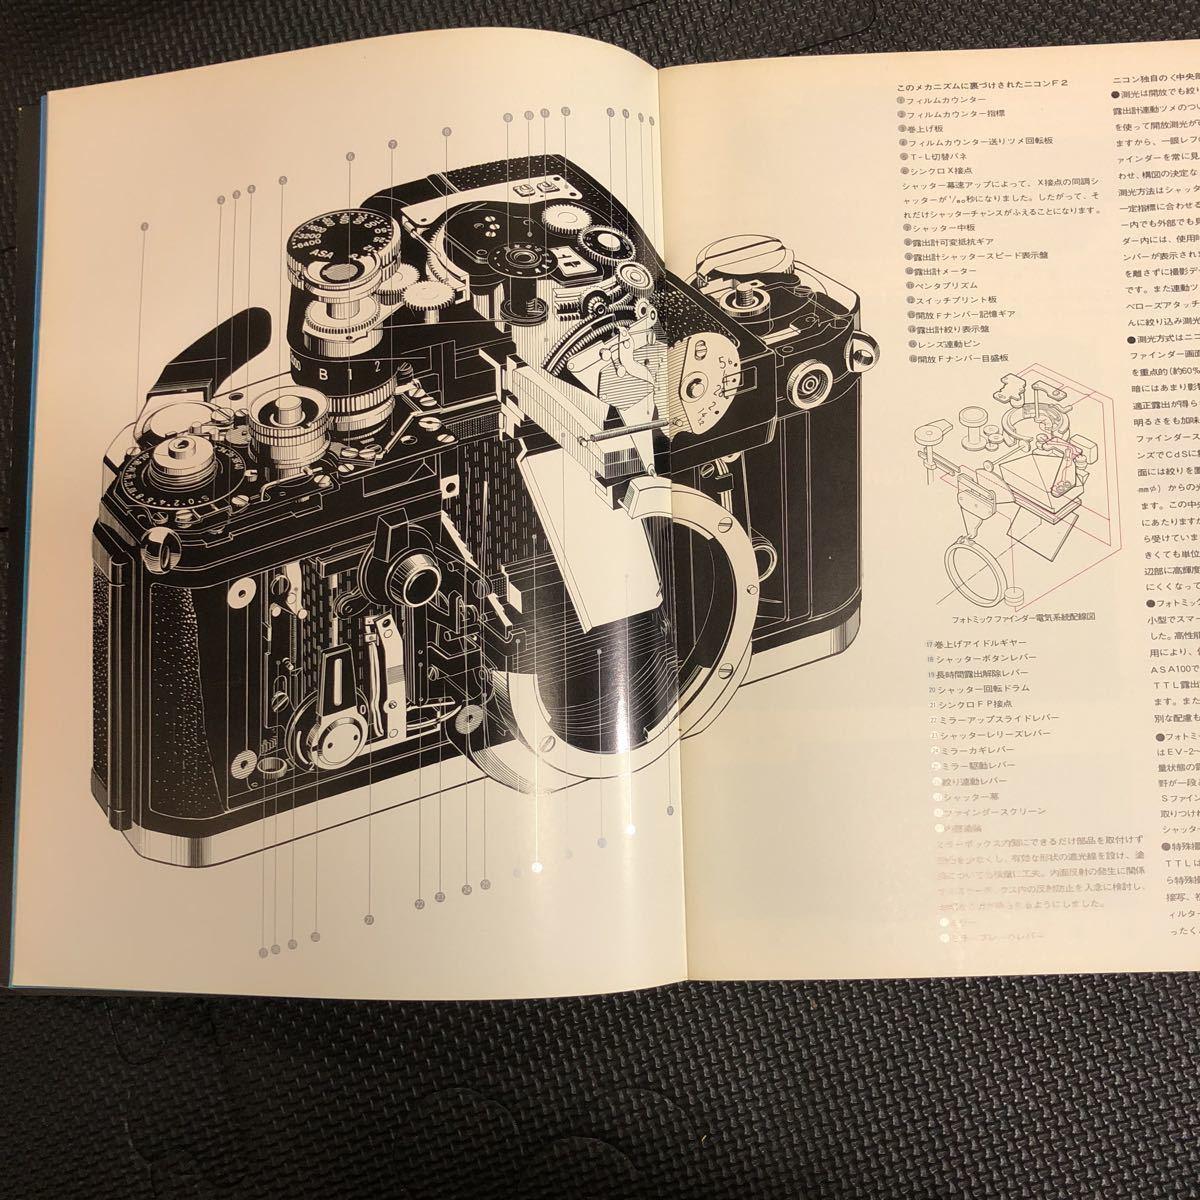 ニコン NIKON F2 photomic カタログ 当時物_画像4